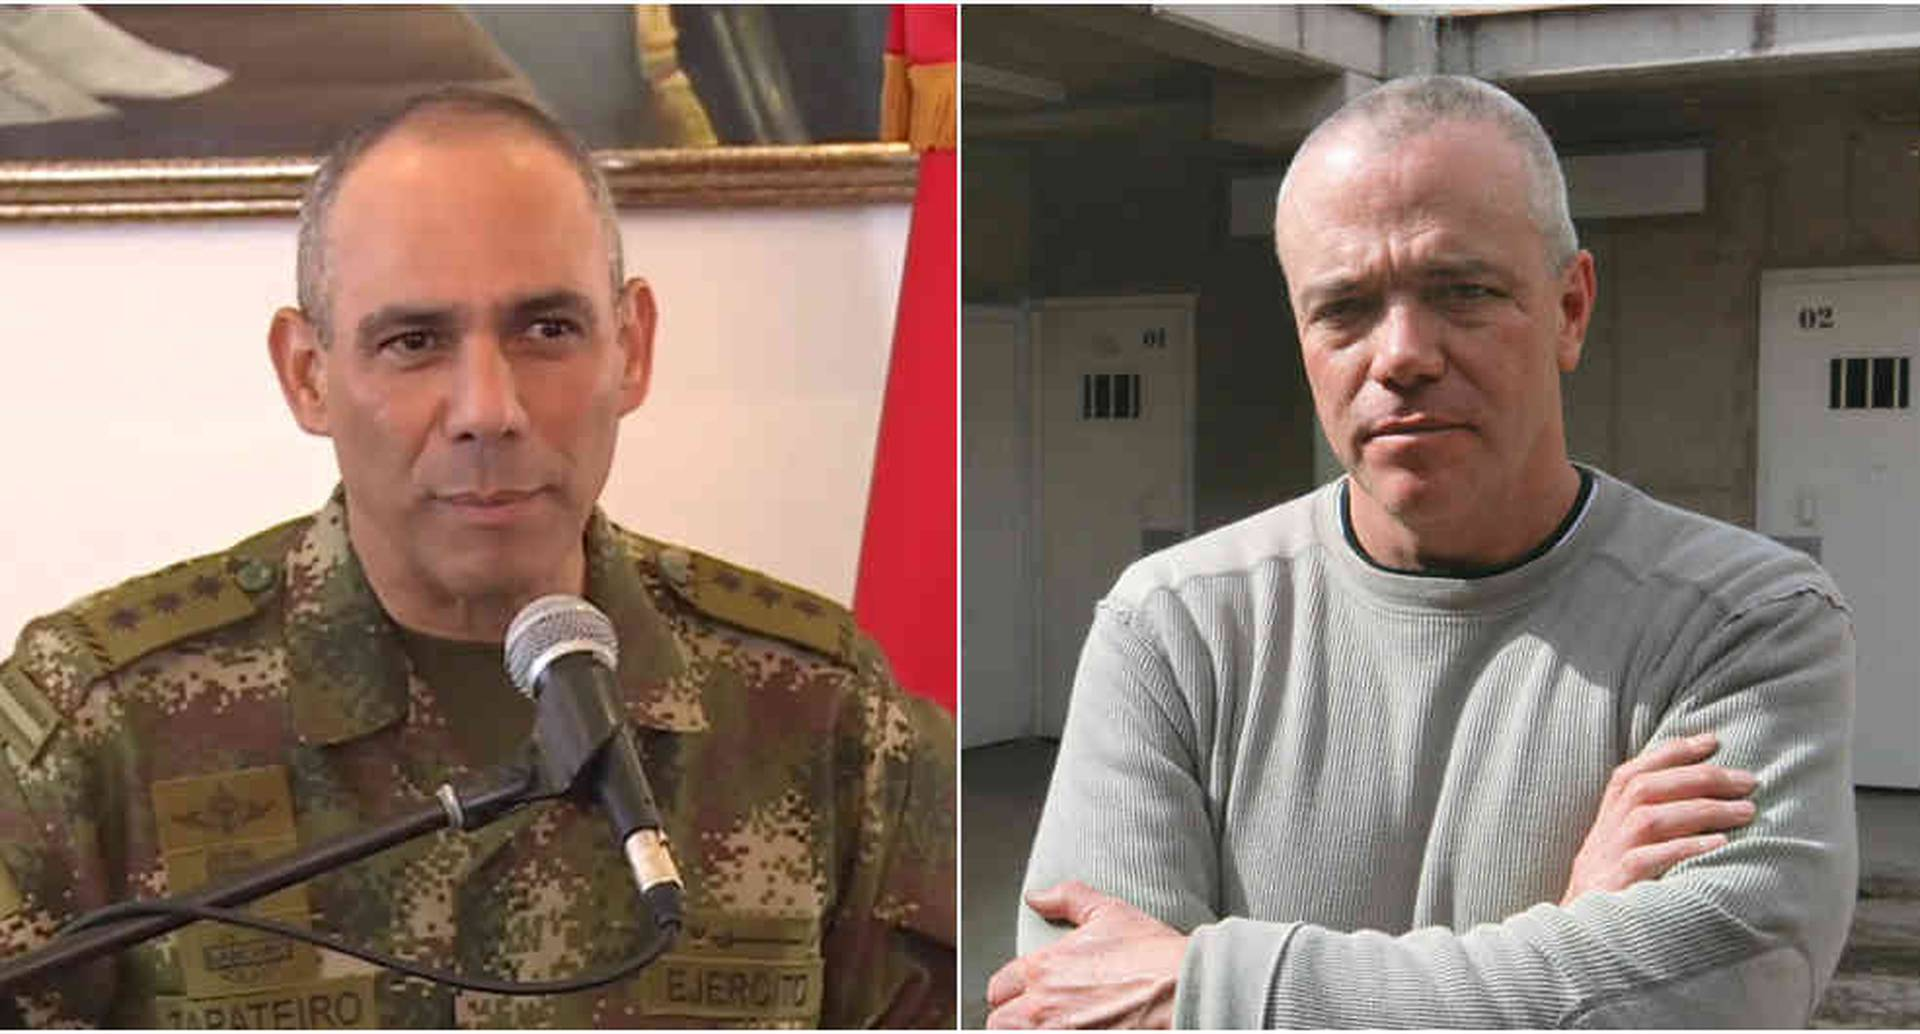 El general Eduardo Zapateiro, comandante del Ejército. A la derecha el sicario fallecido Jhon Jairo Velásquez, alias Popeye